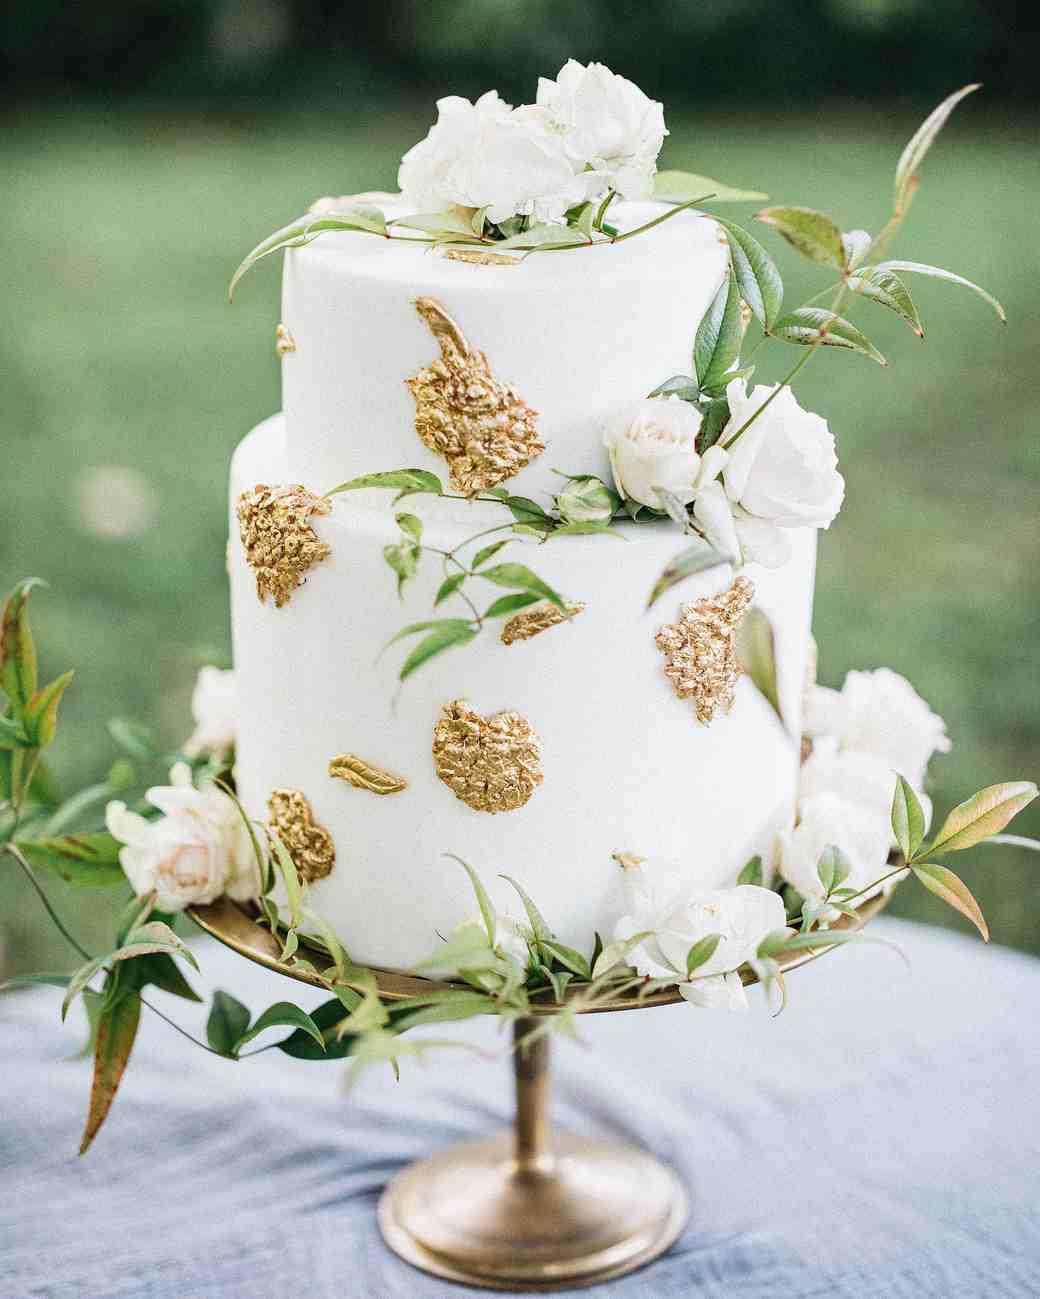 Metallic Wedding Cakes That Make A Shimmering Statement